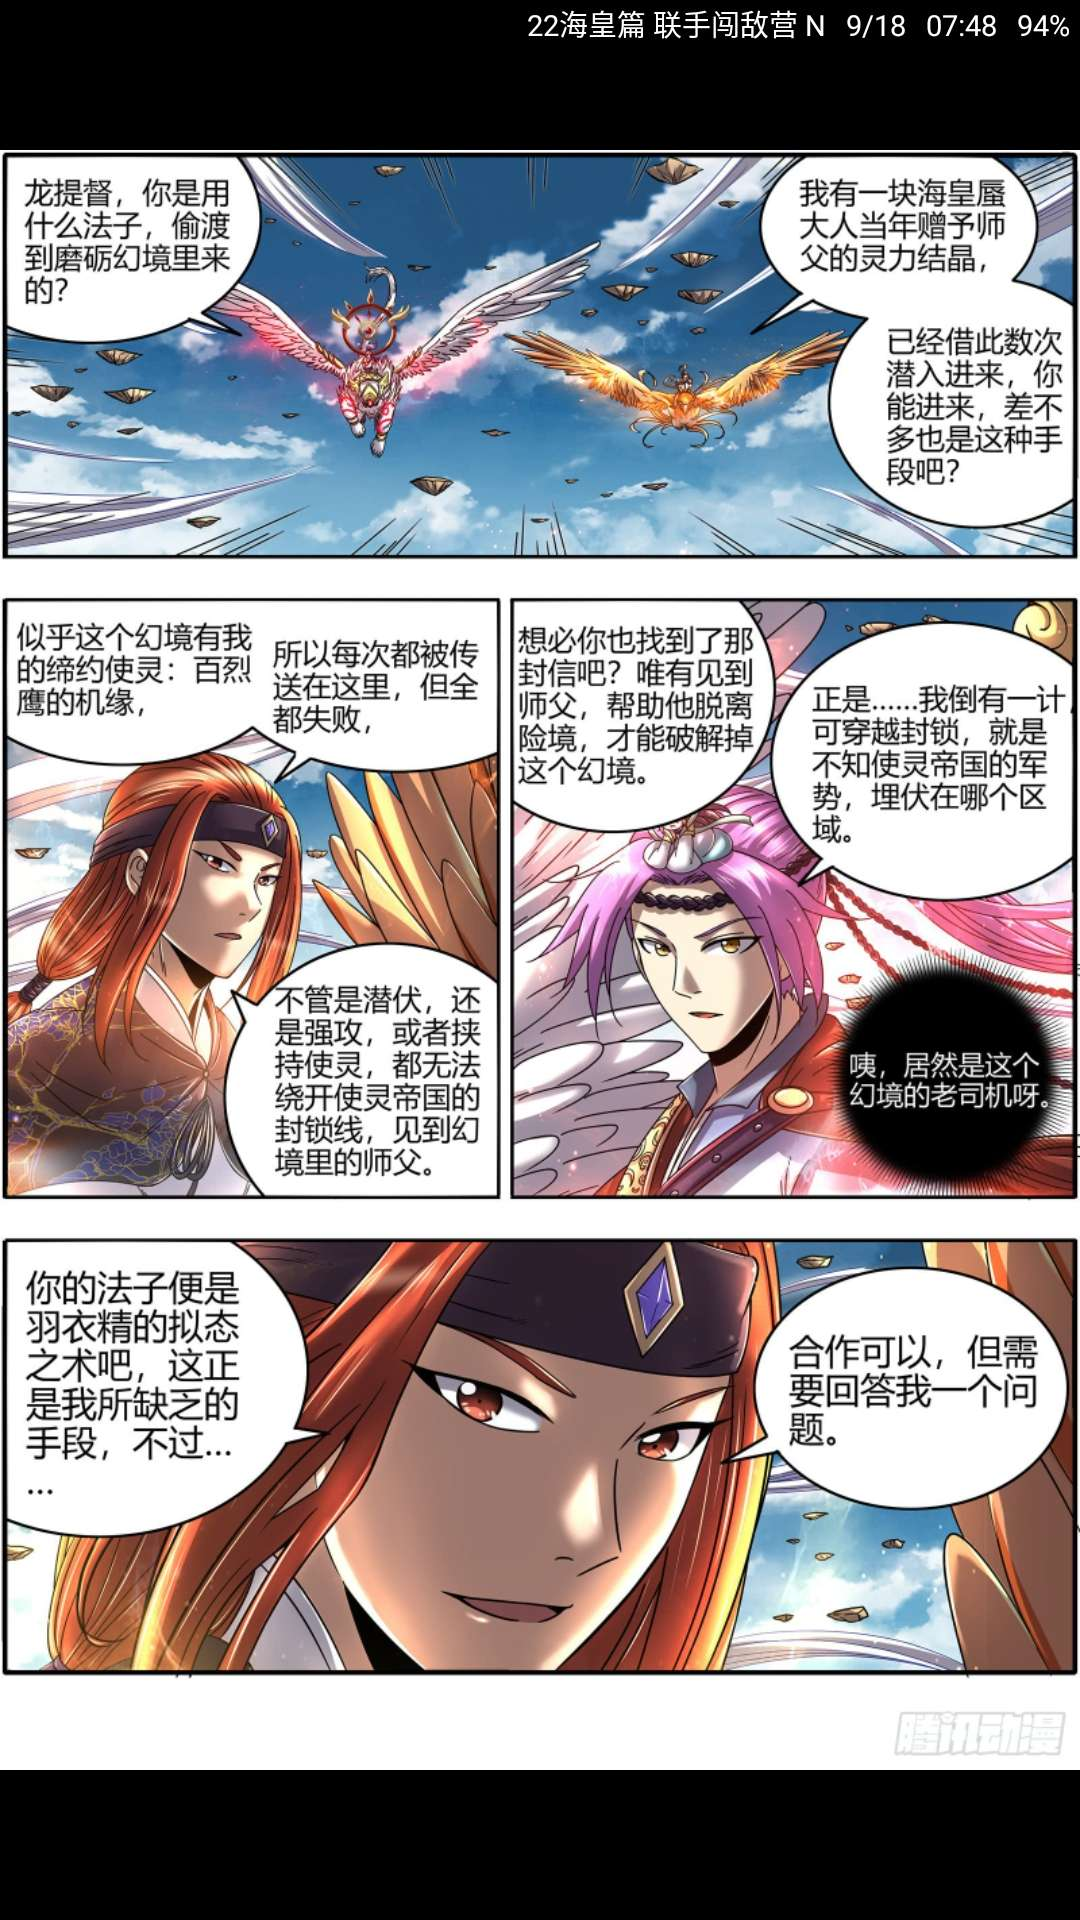 【漫画更新】 驭灵师   更新啦